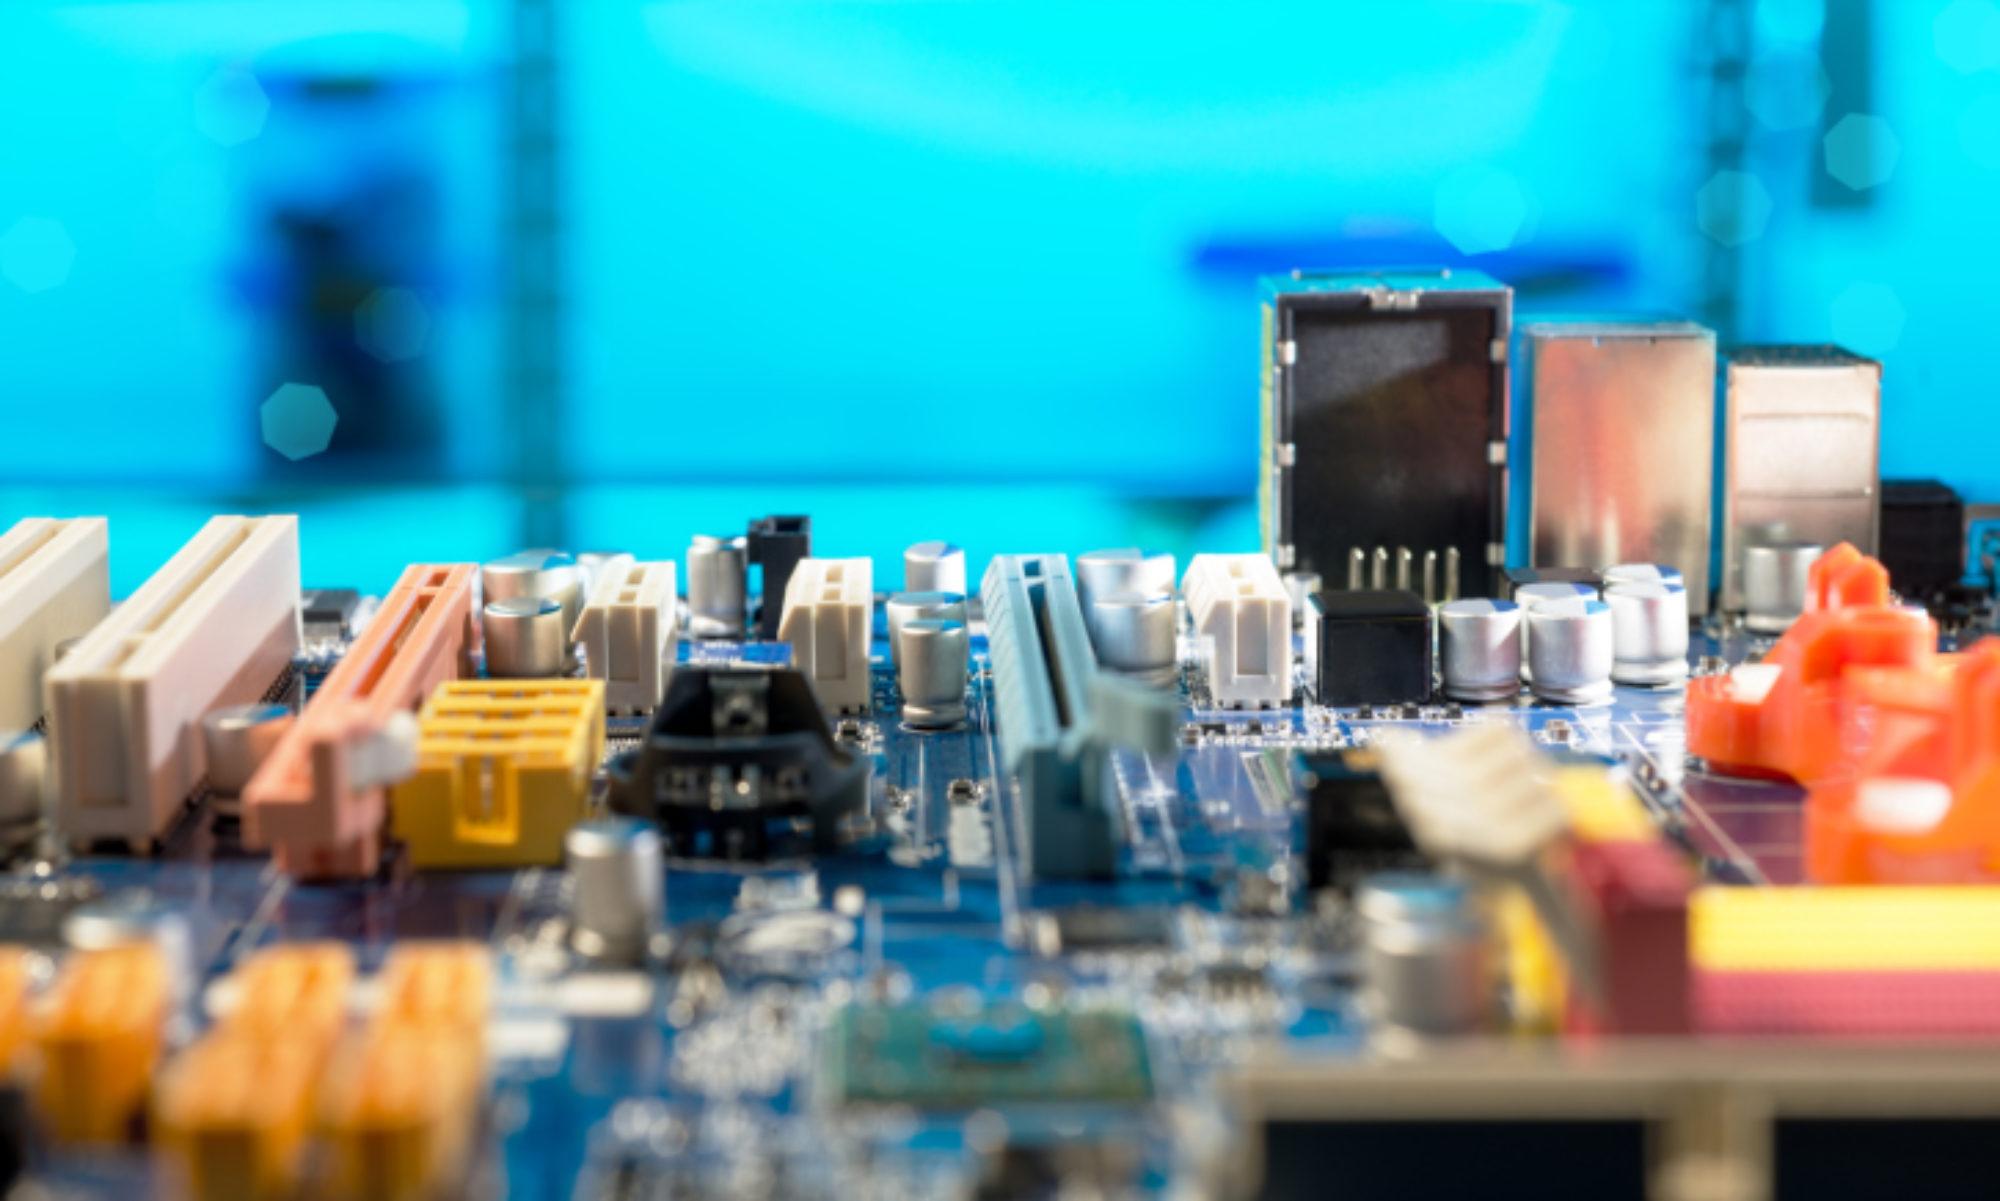 l'expertise electronique au service de vos projets : de la conception à l'industrialisation